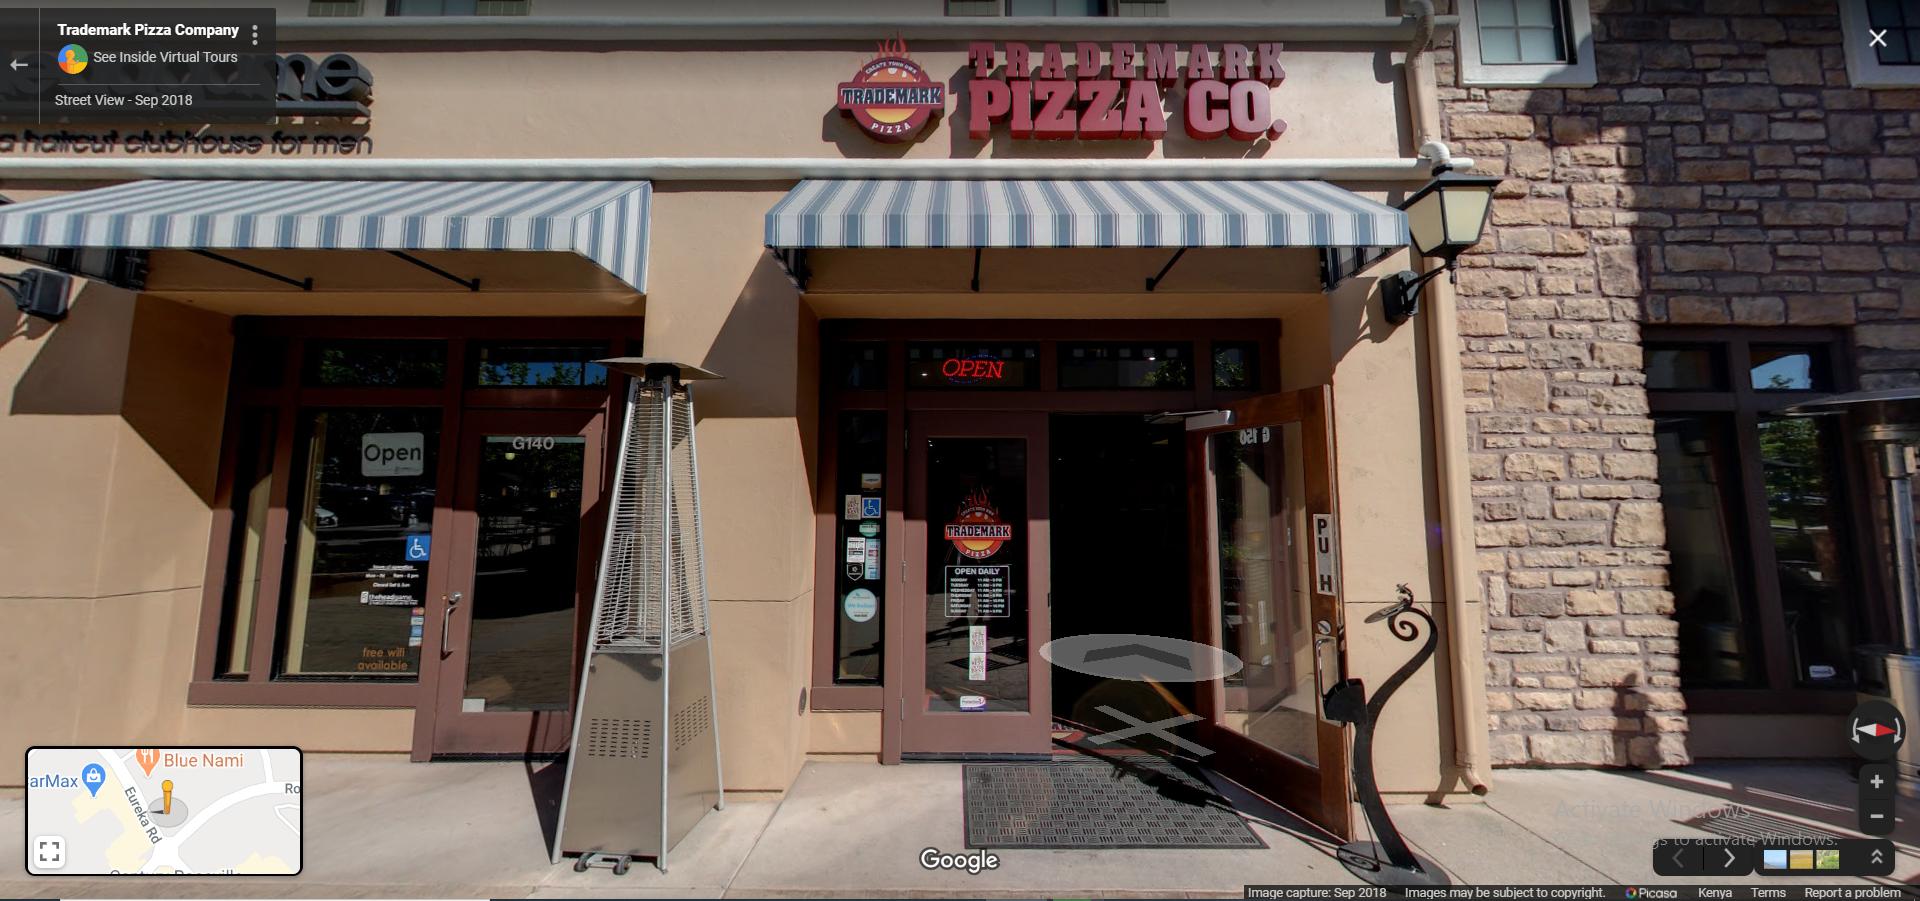 Trademark Pizza - Roseville